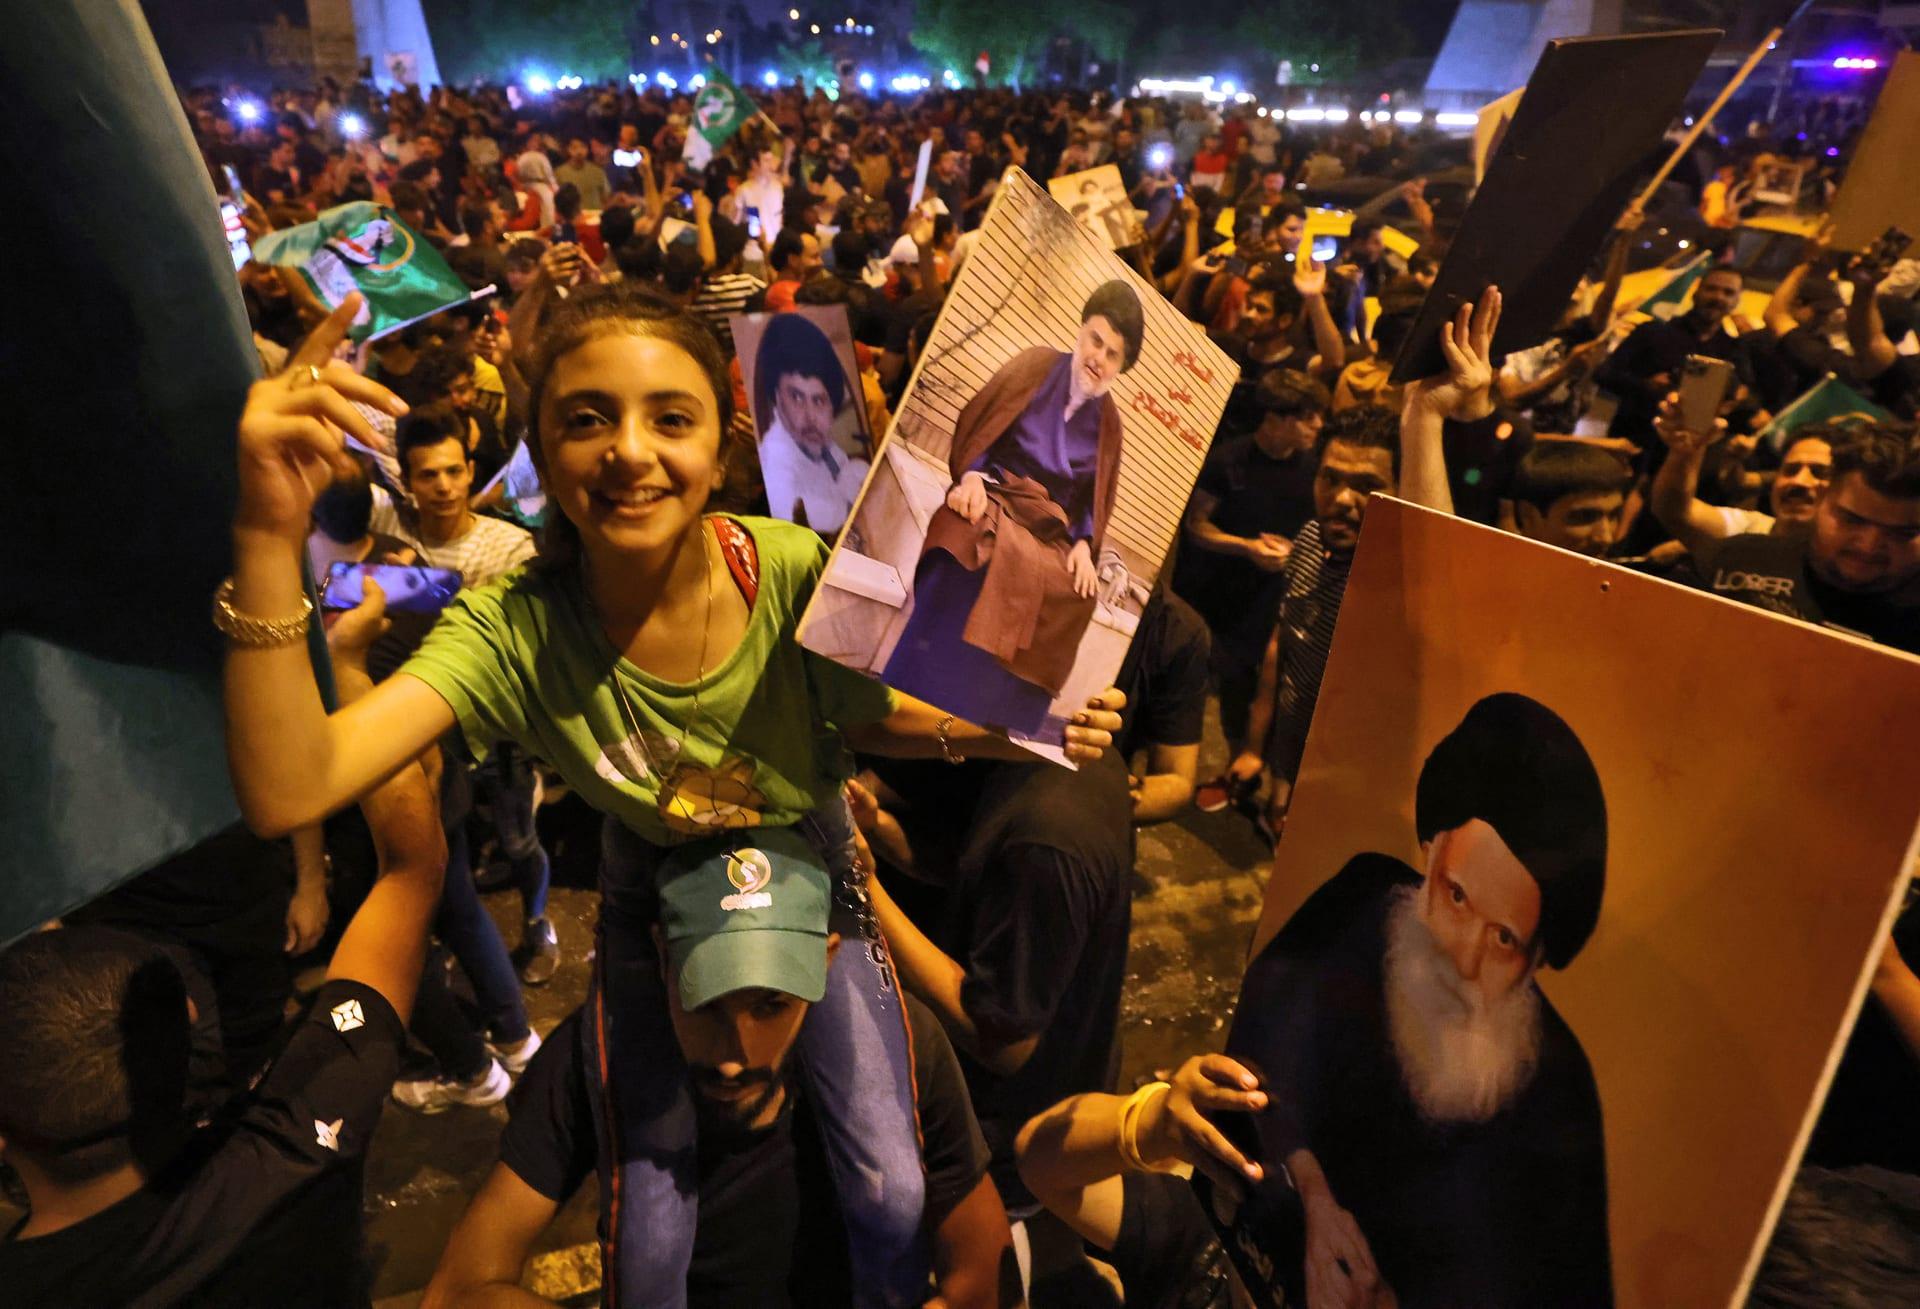 كتلة الصدر تتصدر النتائج الأولية للانتخابات البرلمانية في العراق